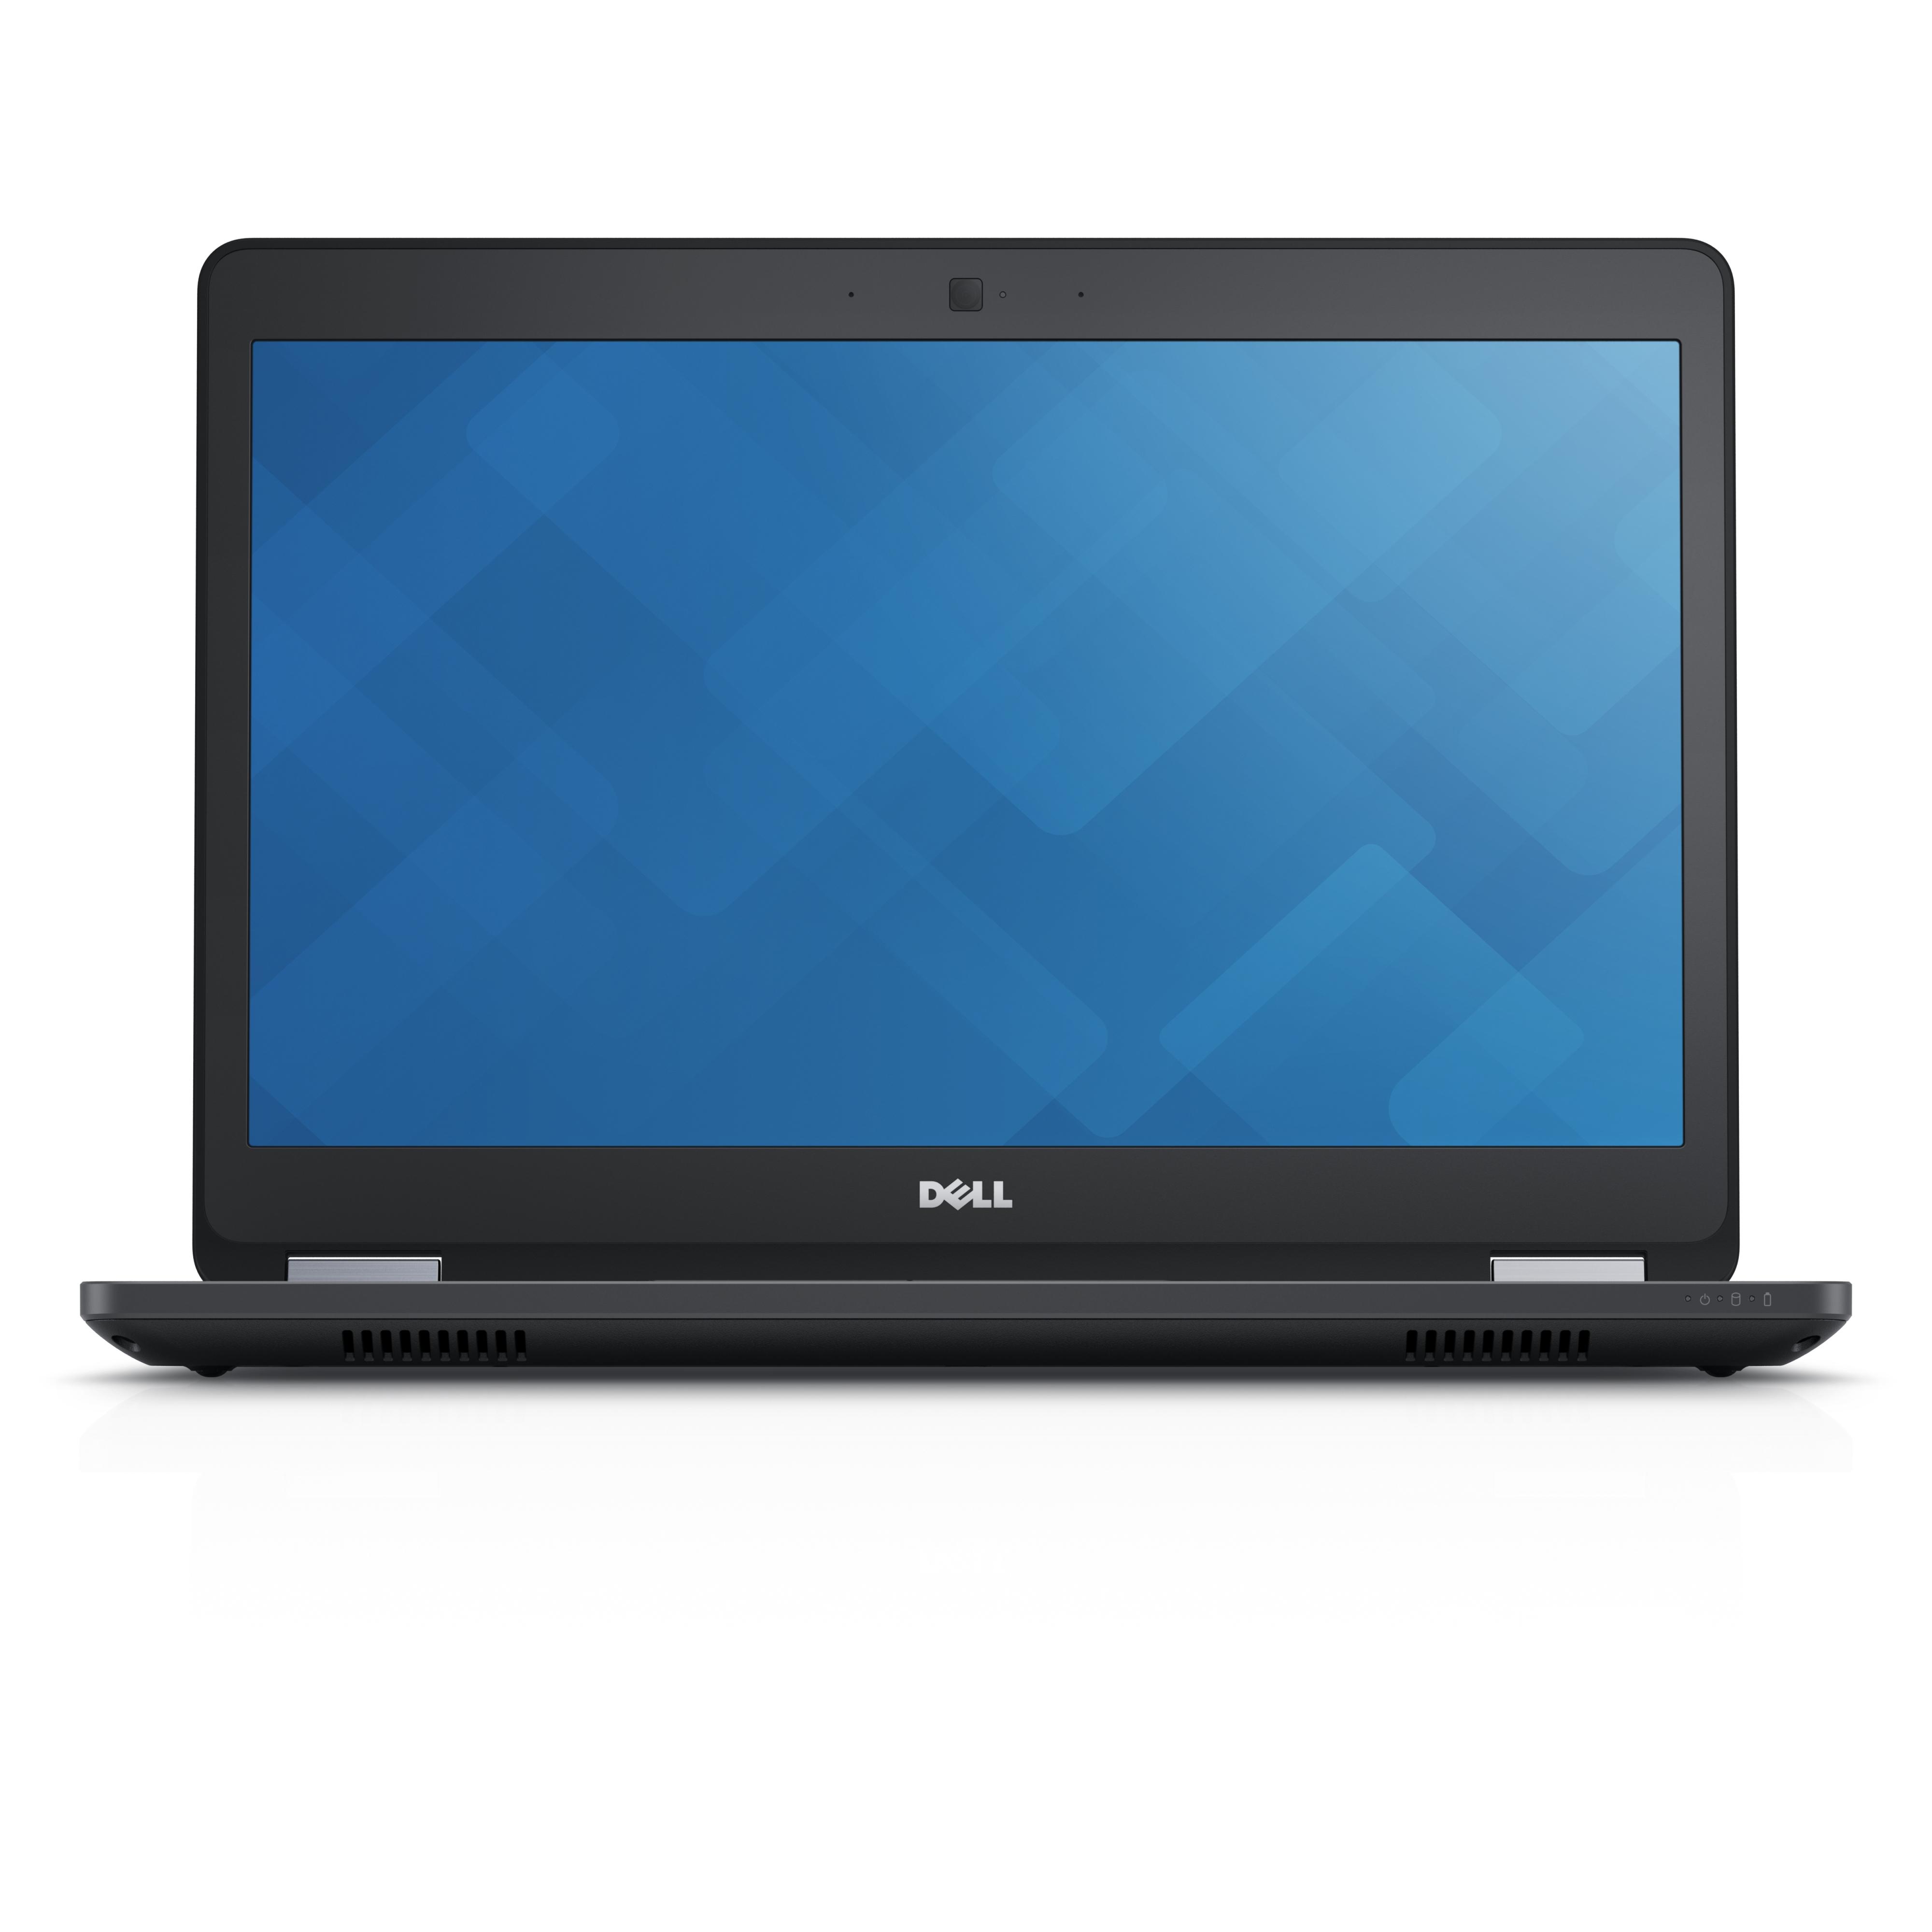 """DELL Latitude E5470/i5-6300U/8GB/500GB/Intel HD 520/14.0"""" FHD/Win 10 Pro 64bit/Černá"""